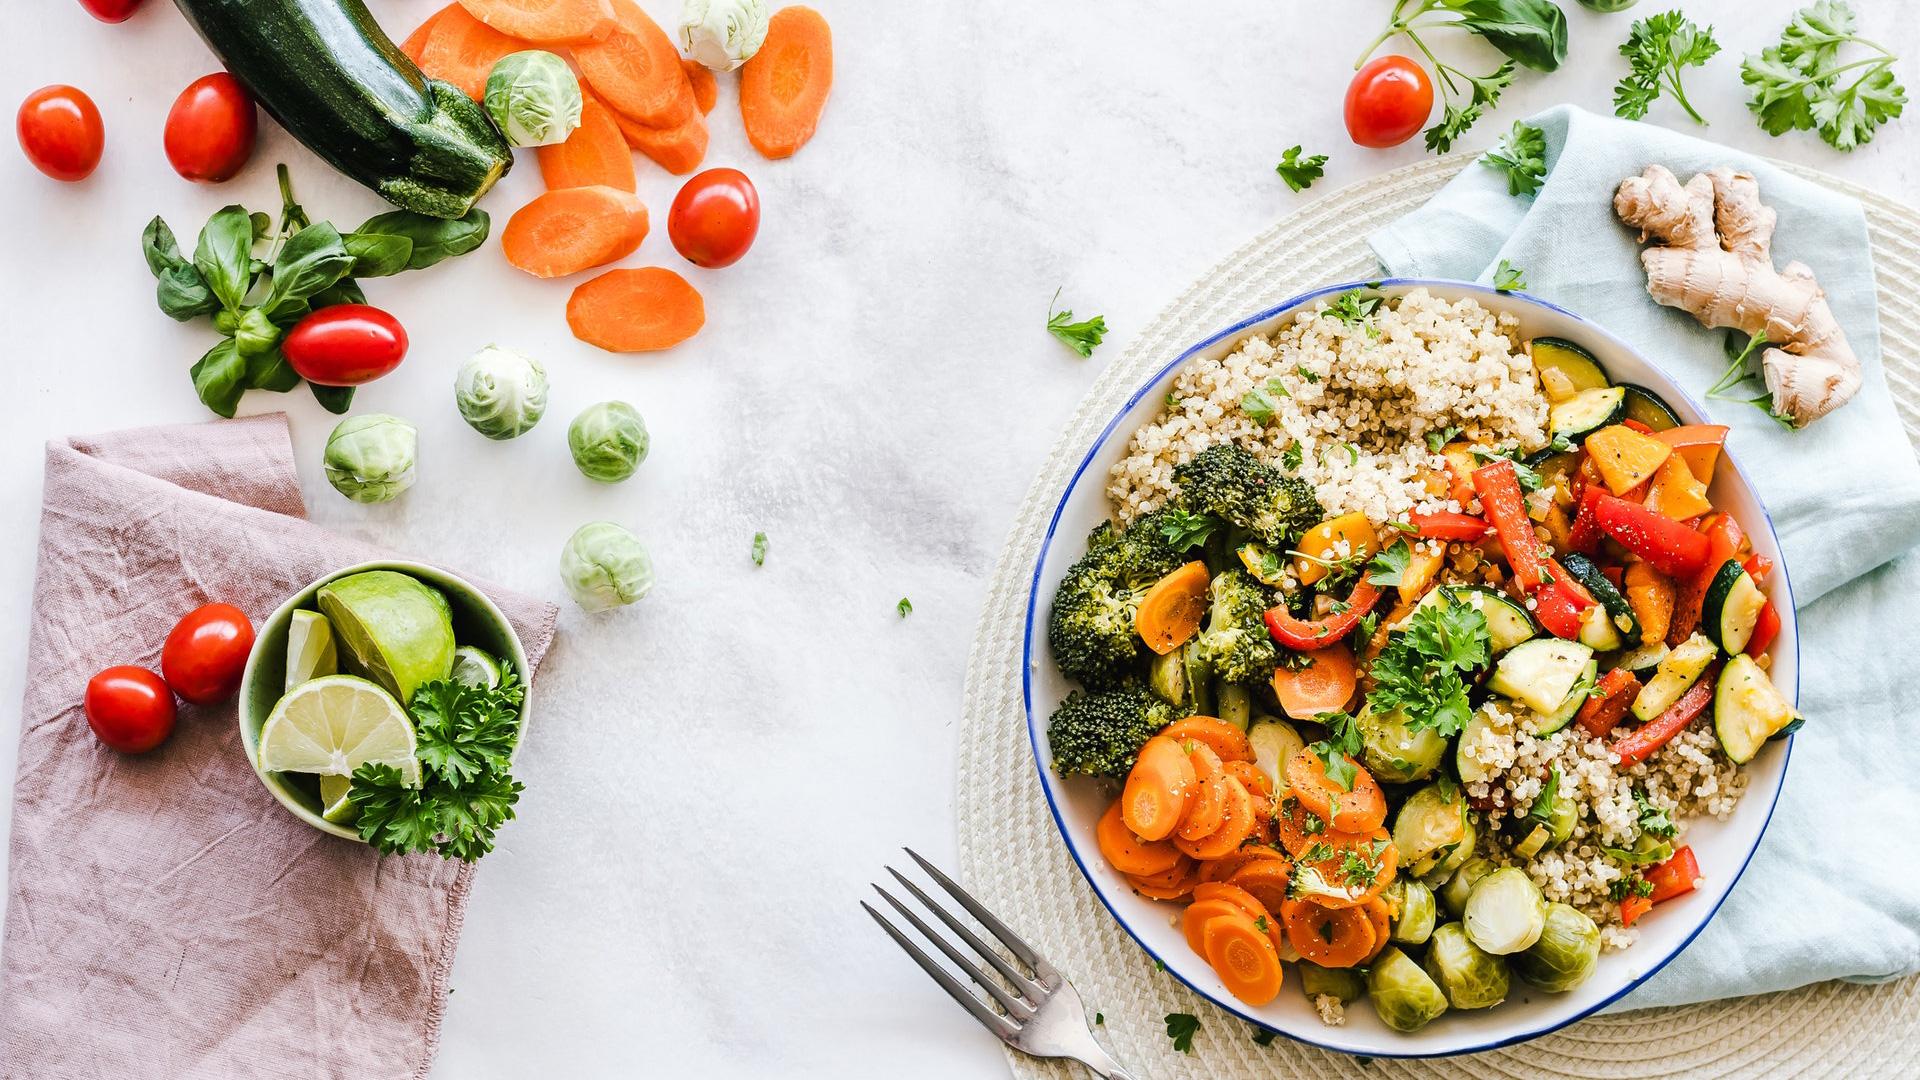 Vegetable RTE Food